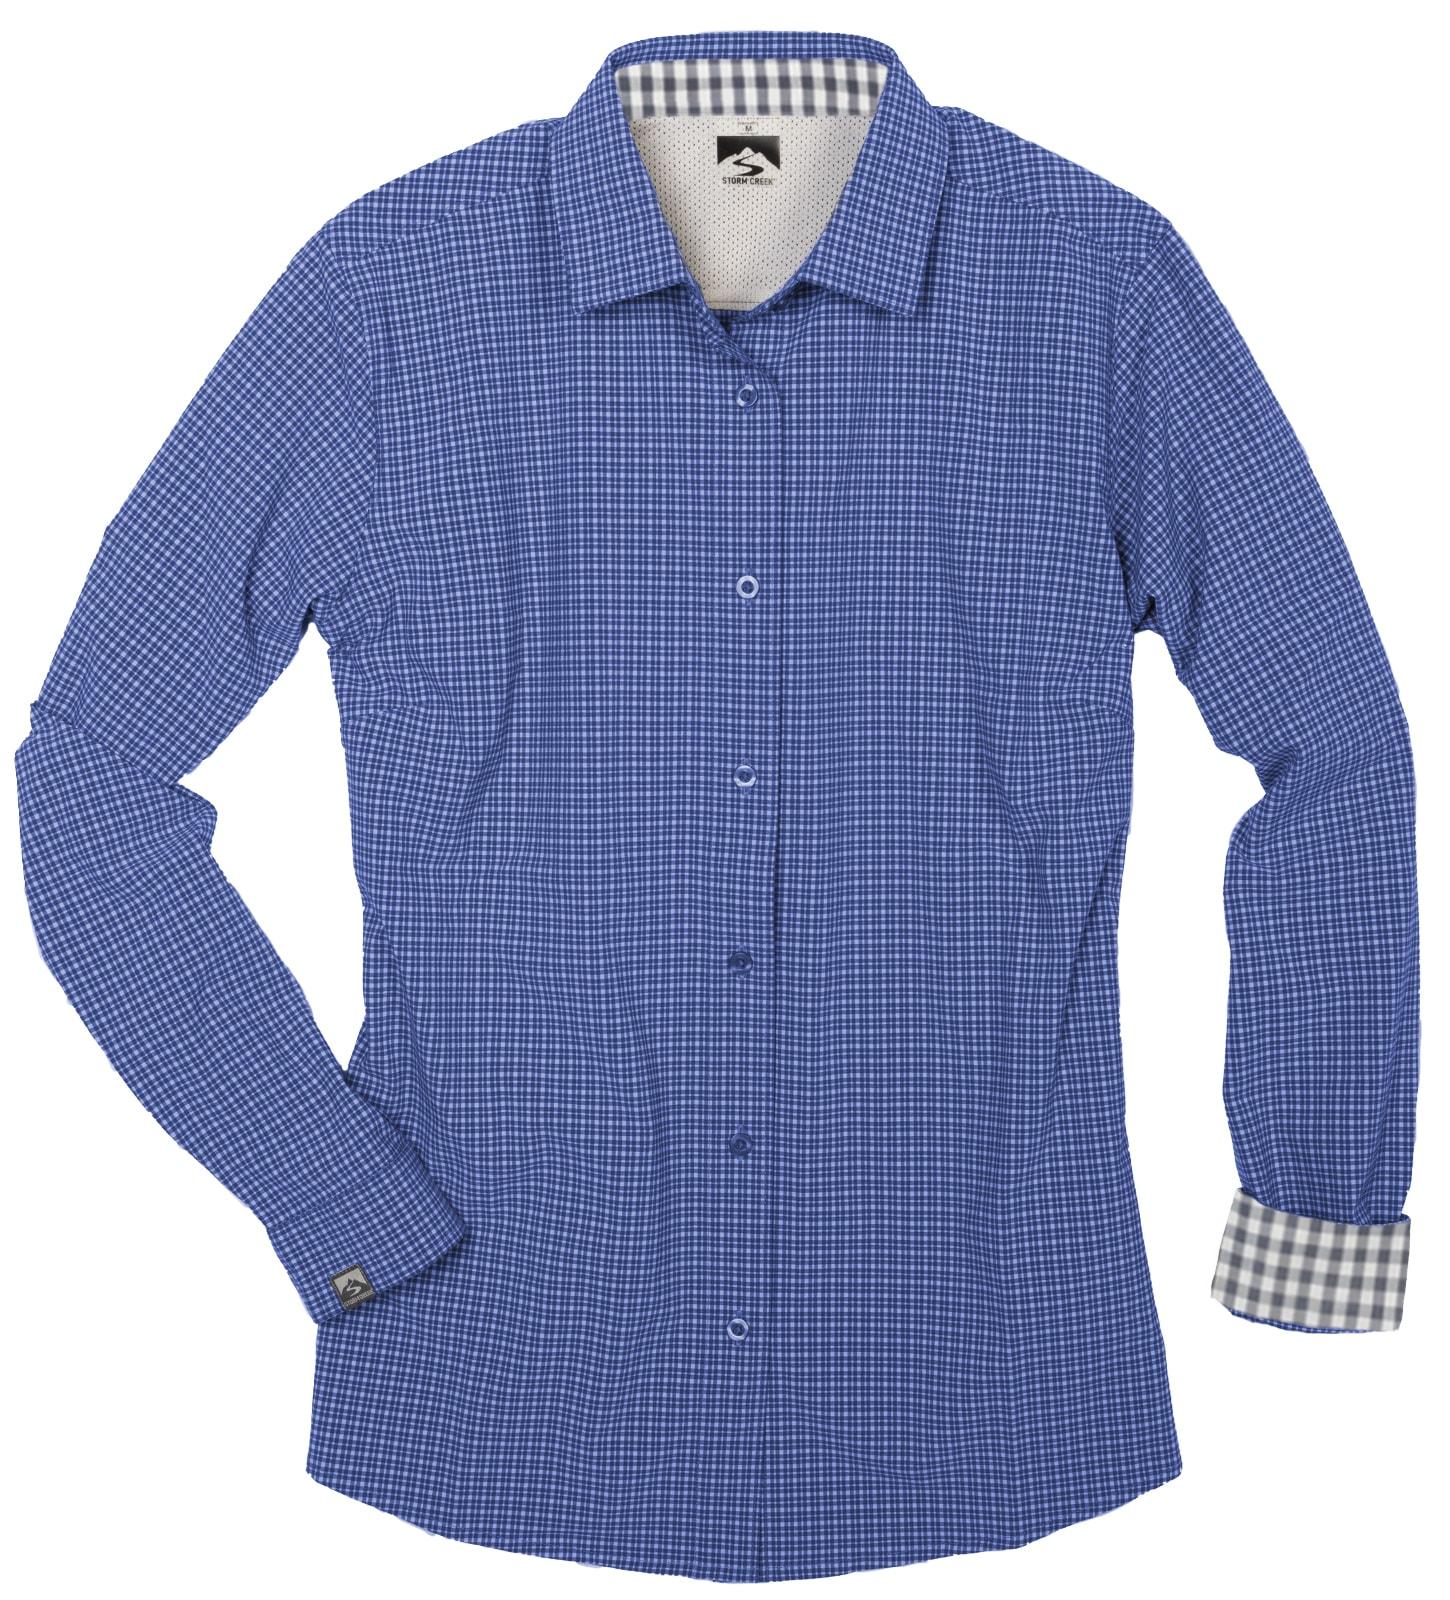 Storm Creek 2565 - Women's Tonal Check 4-Way Stretch Eco-Woven Shirt